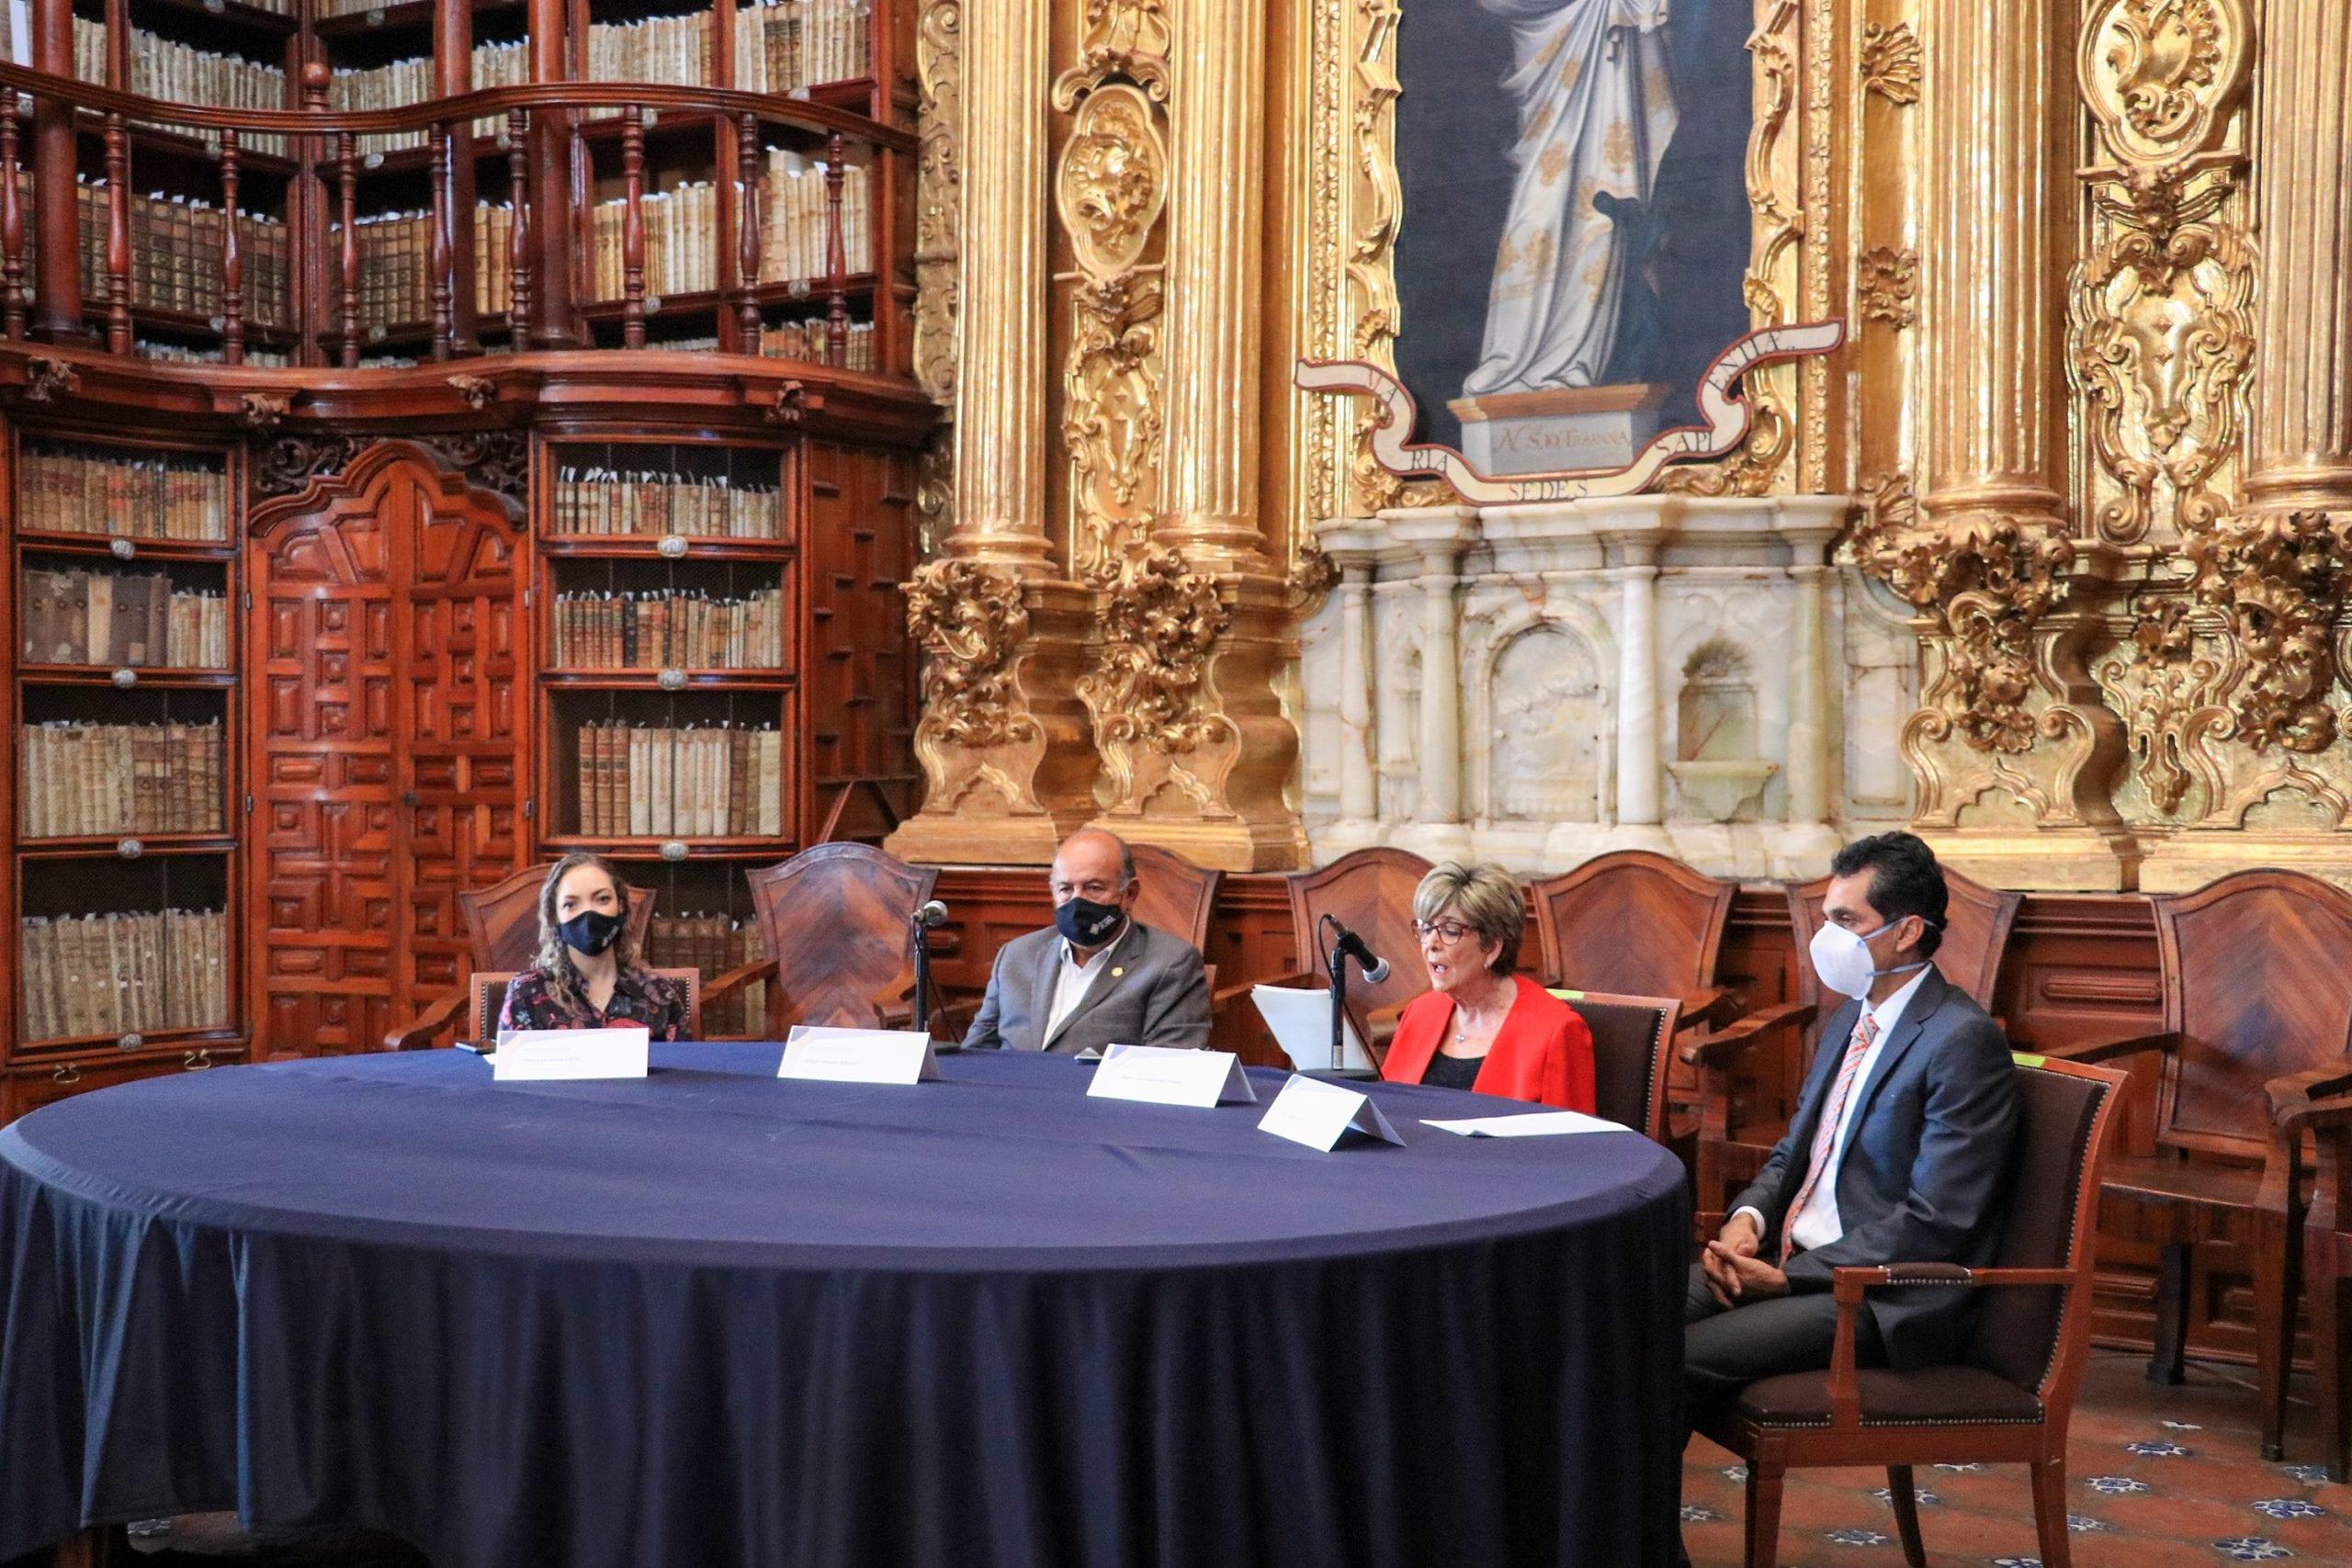 Recibe Secretaría de Cultura acervo fotográfico del maestro Arturo Fernández Aguirre